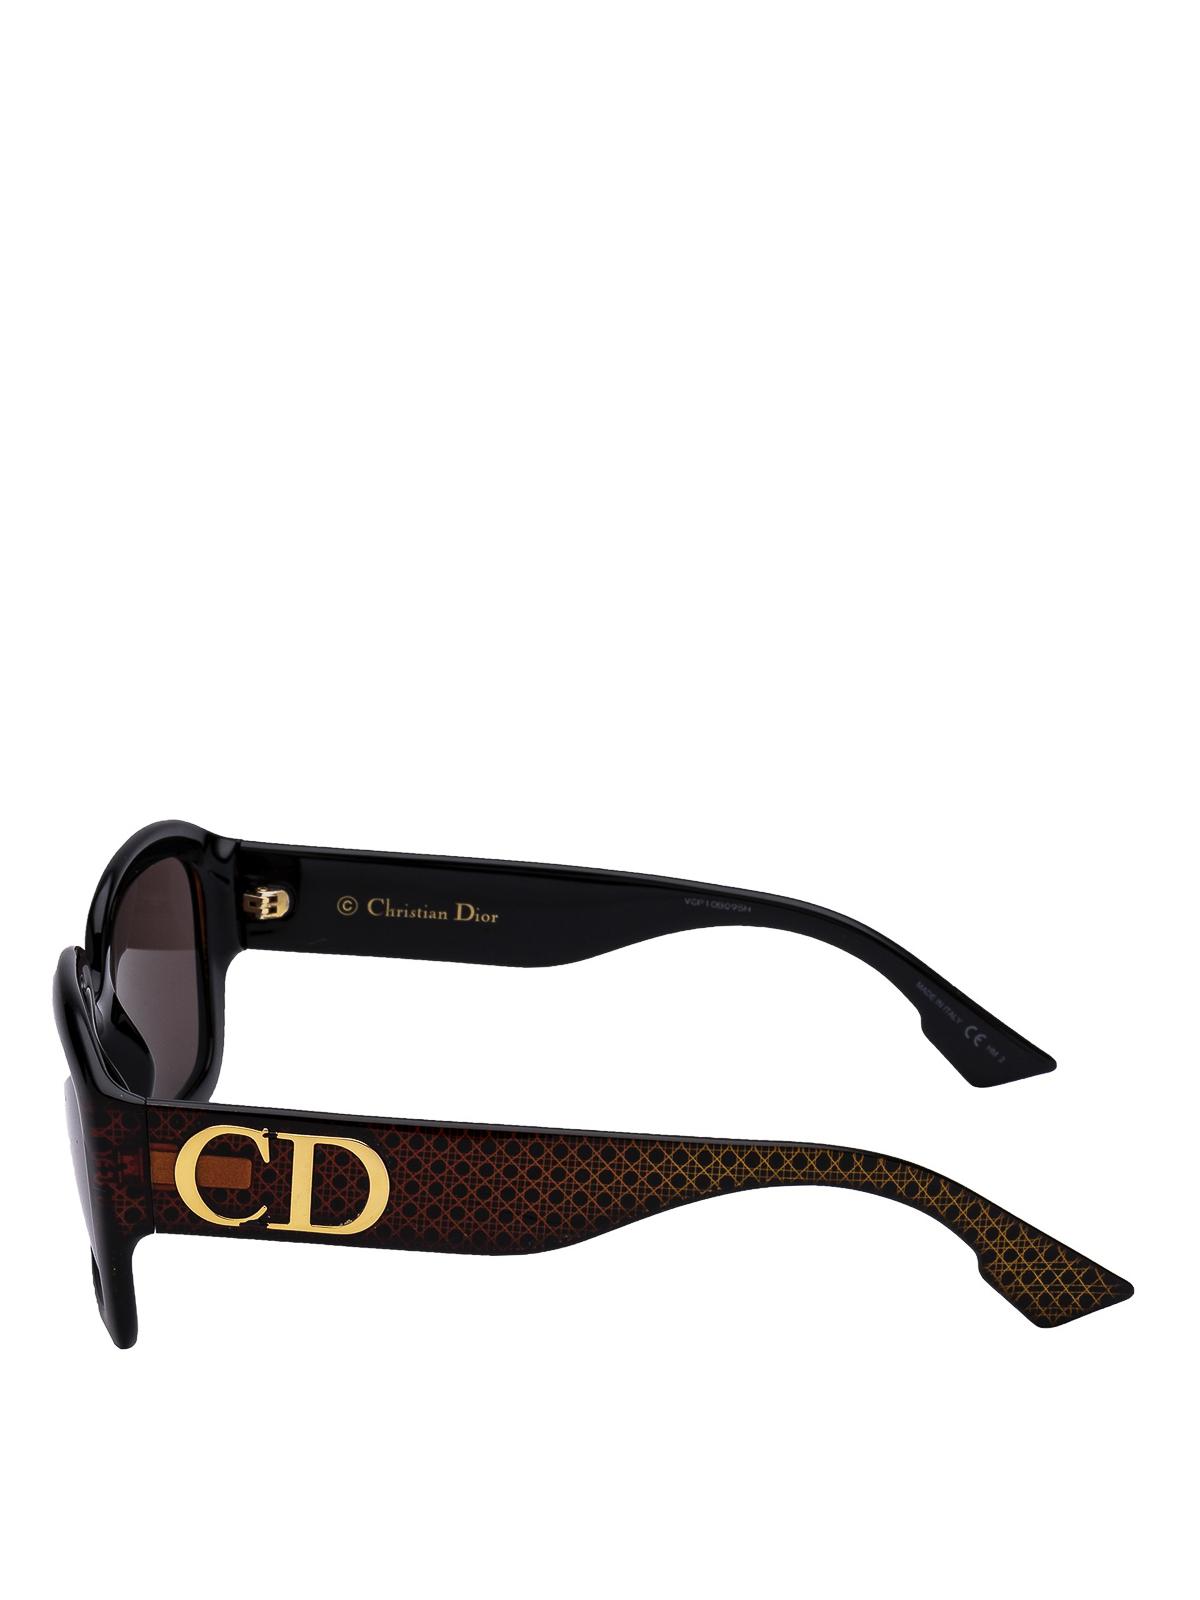 buy online ef69b 15bc4 Dior - サングラス - マルチカラー - サングラス - DDIORDCB2M